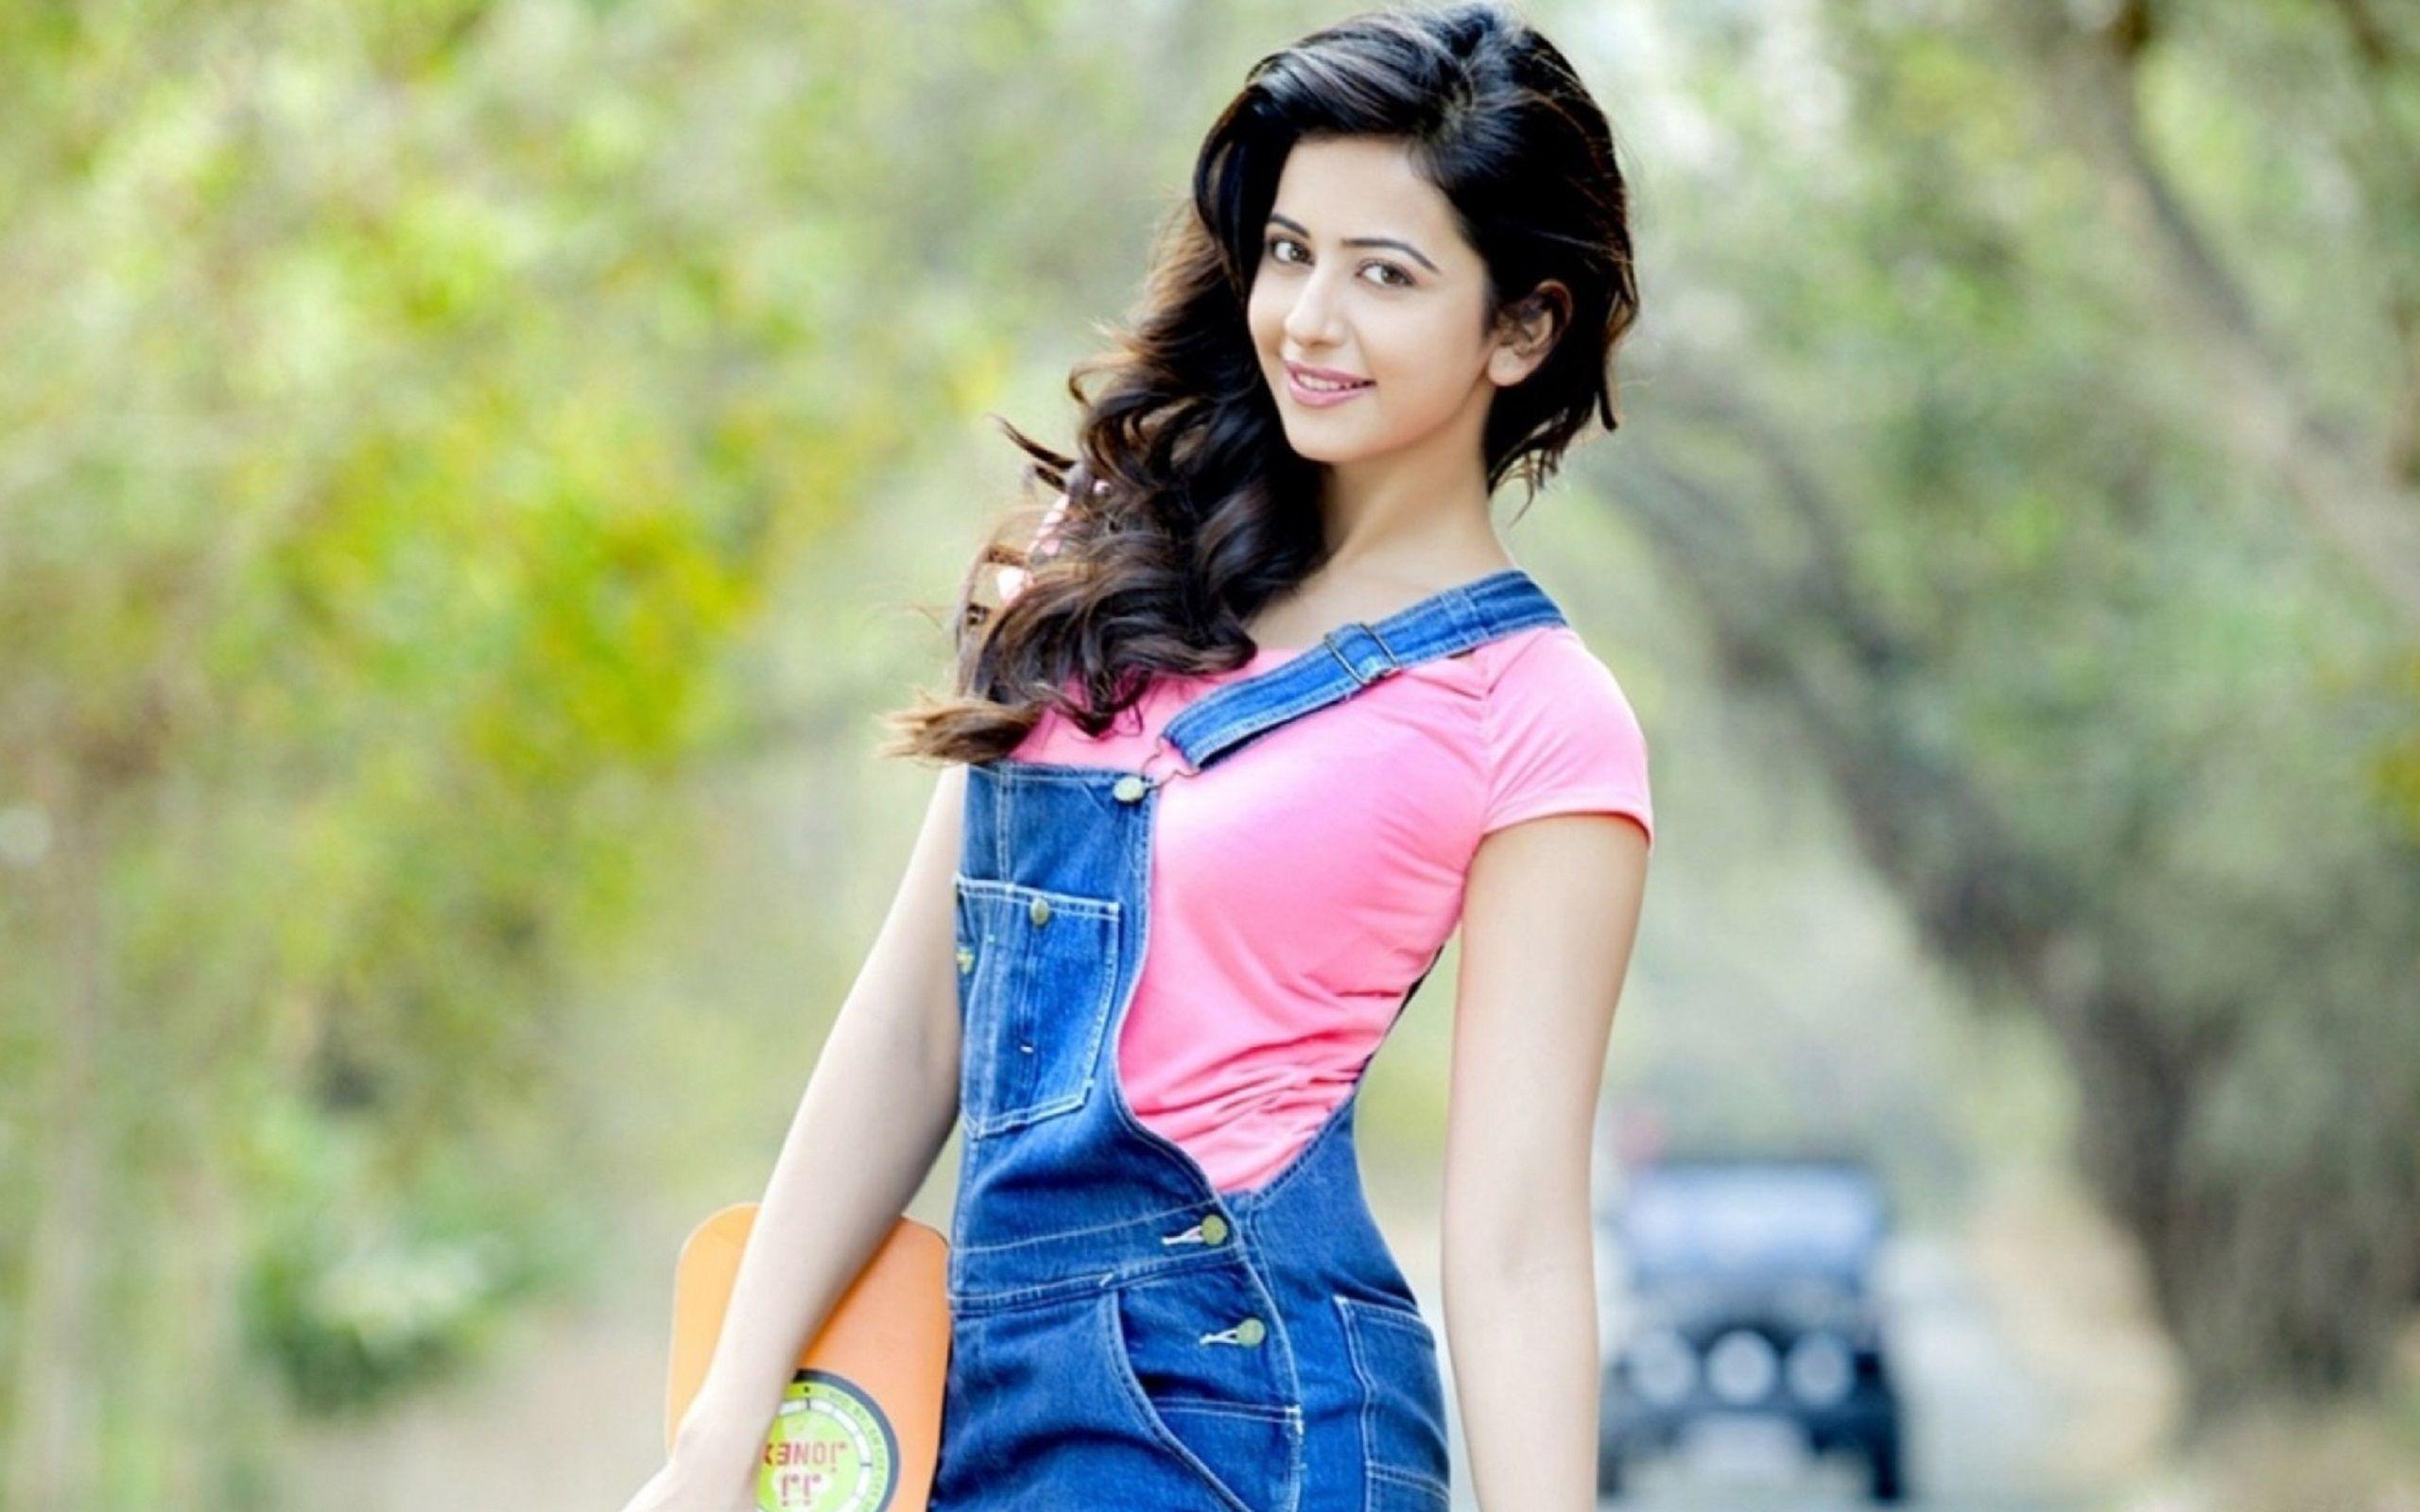 Beautiful Indian Punjabi Girls Desktop Wallpaper Rakul Preet Widescreen Wallpapers Hd Wallpaper Cave